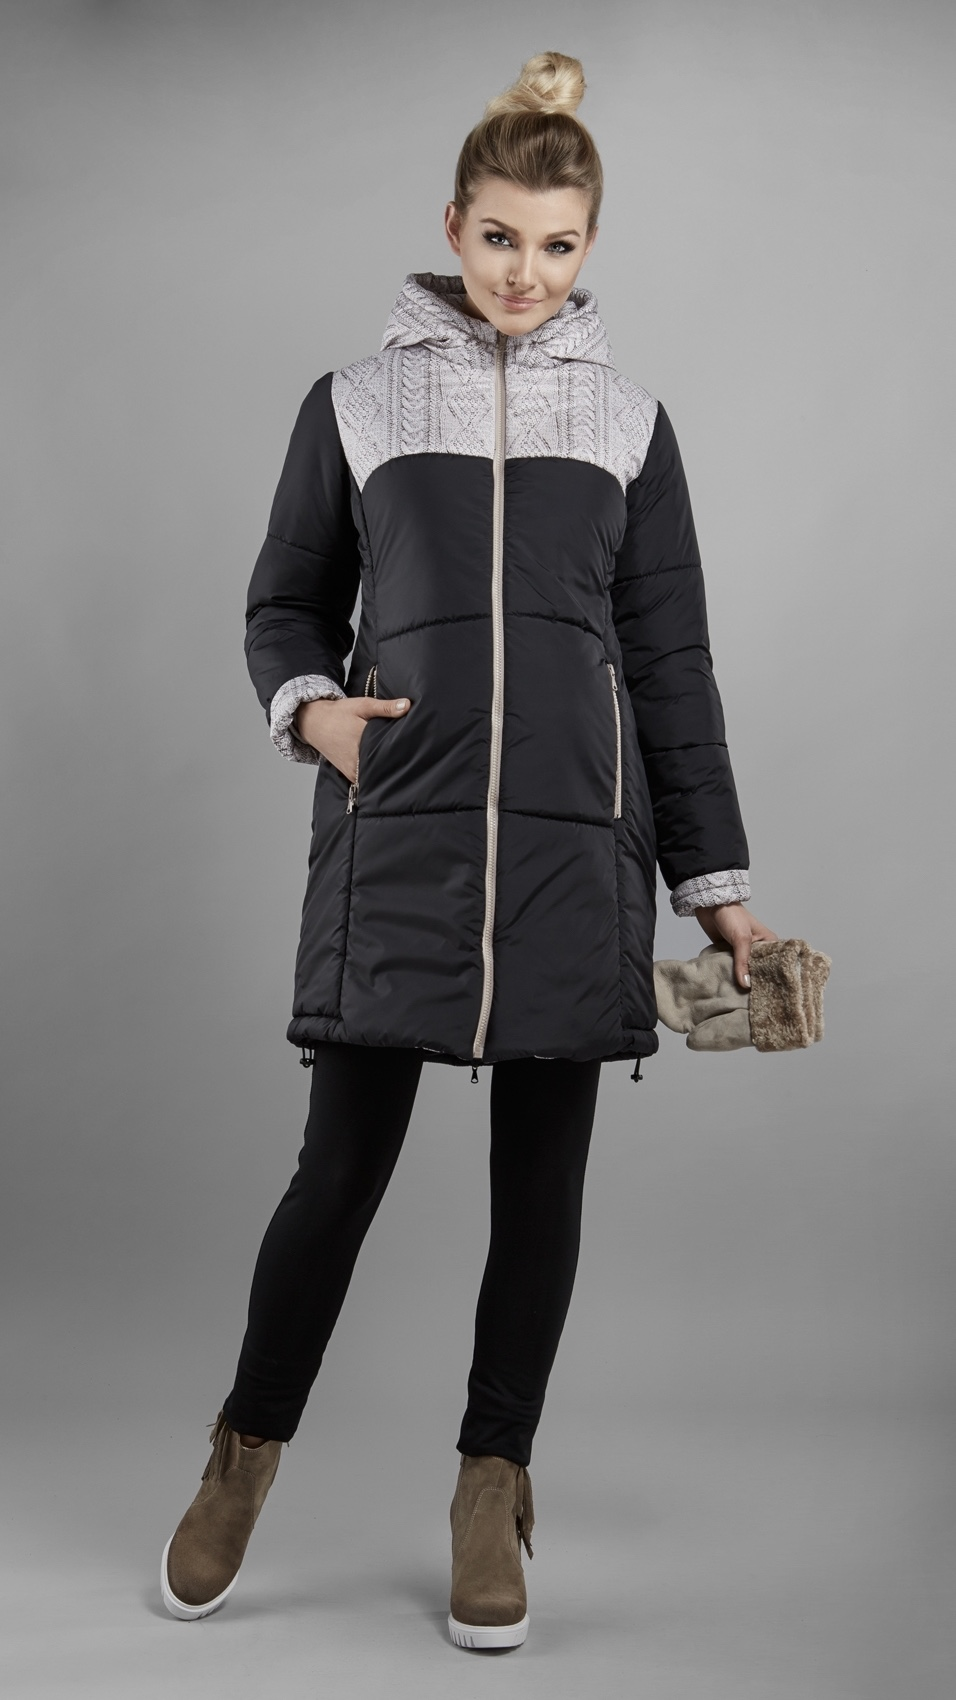 Manteau grossesse - Noir & Tricot